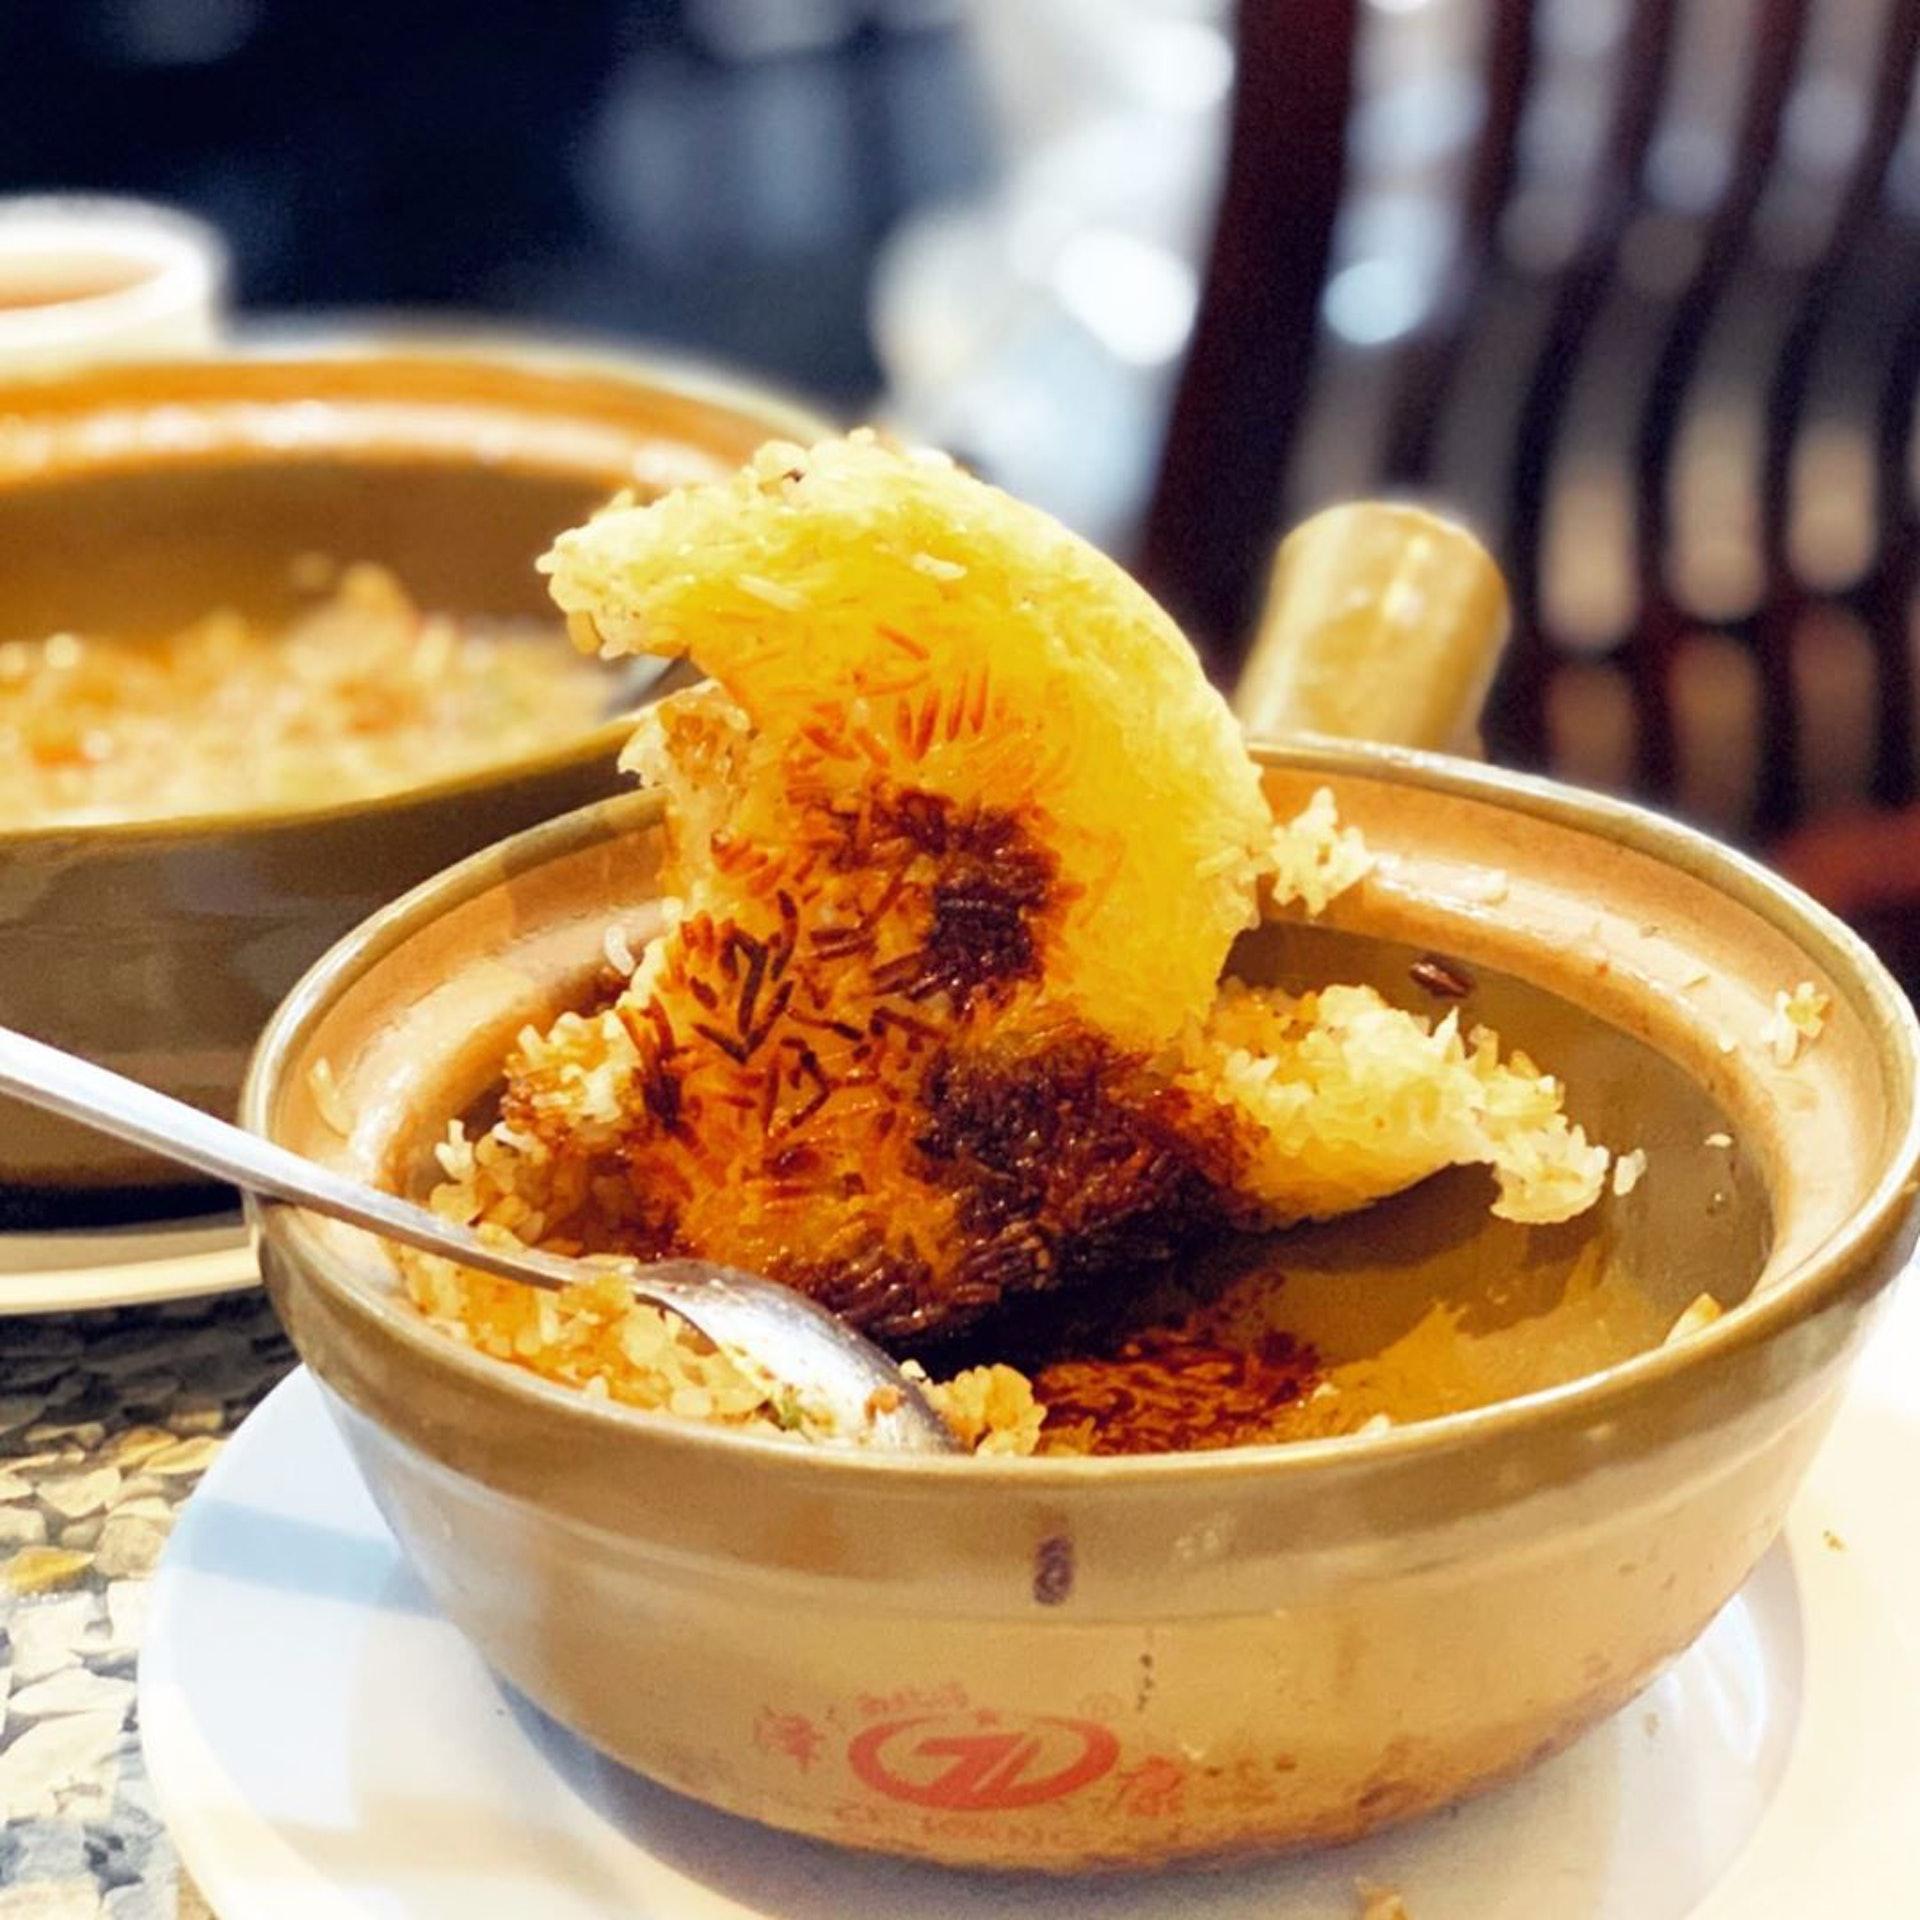 超大片金黃色、微微焦黑的飯焦,香脆有咬口。(ig@ hk.good.food)